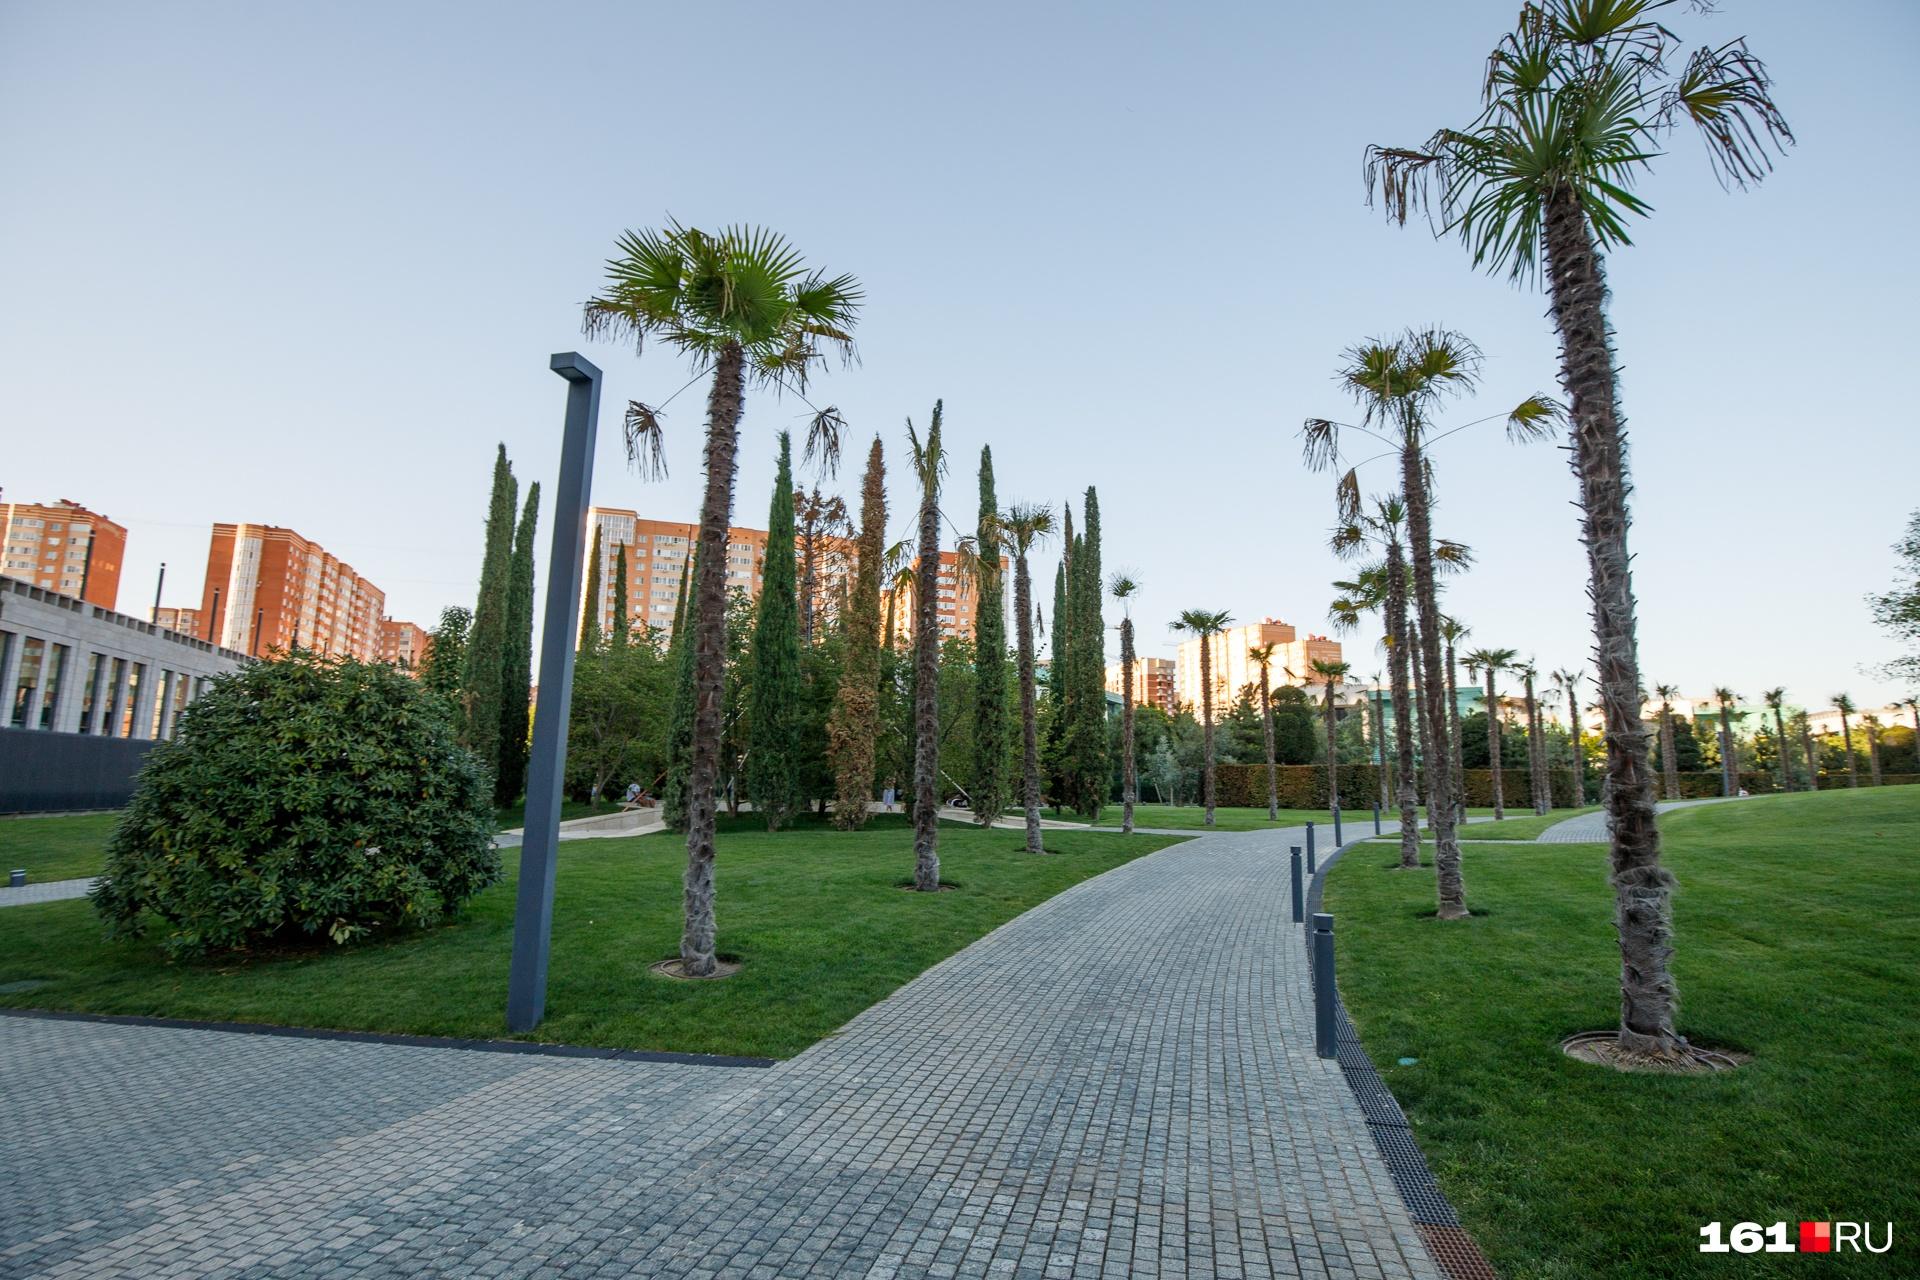 В каждой зоне растут свои деревья. Сначала можно погулять в «тропиках» среди пальм, а уже через пять минут отдохнуть в тени дубов или осин